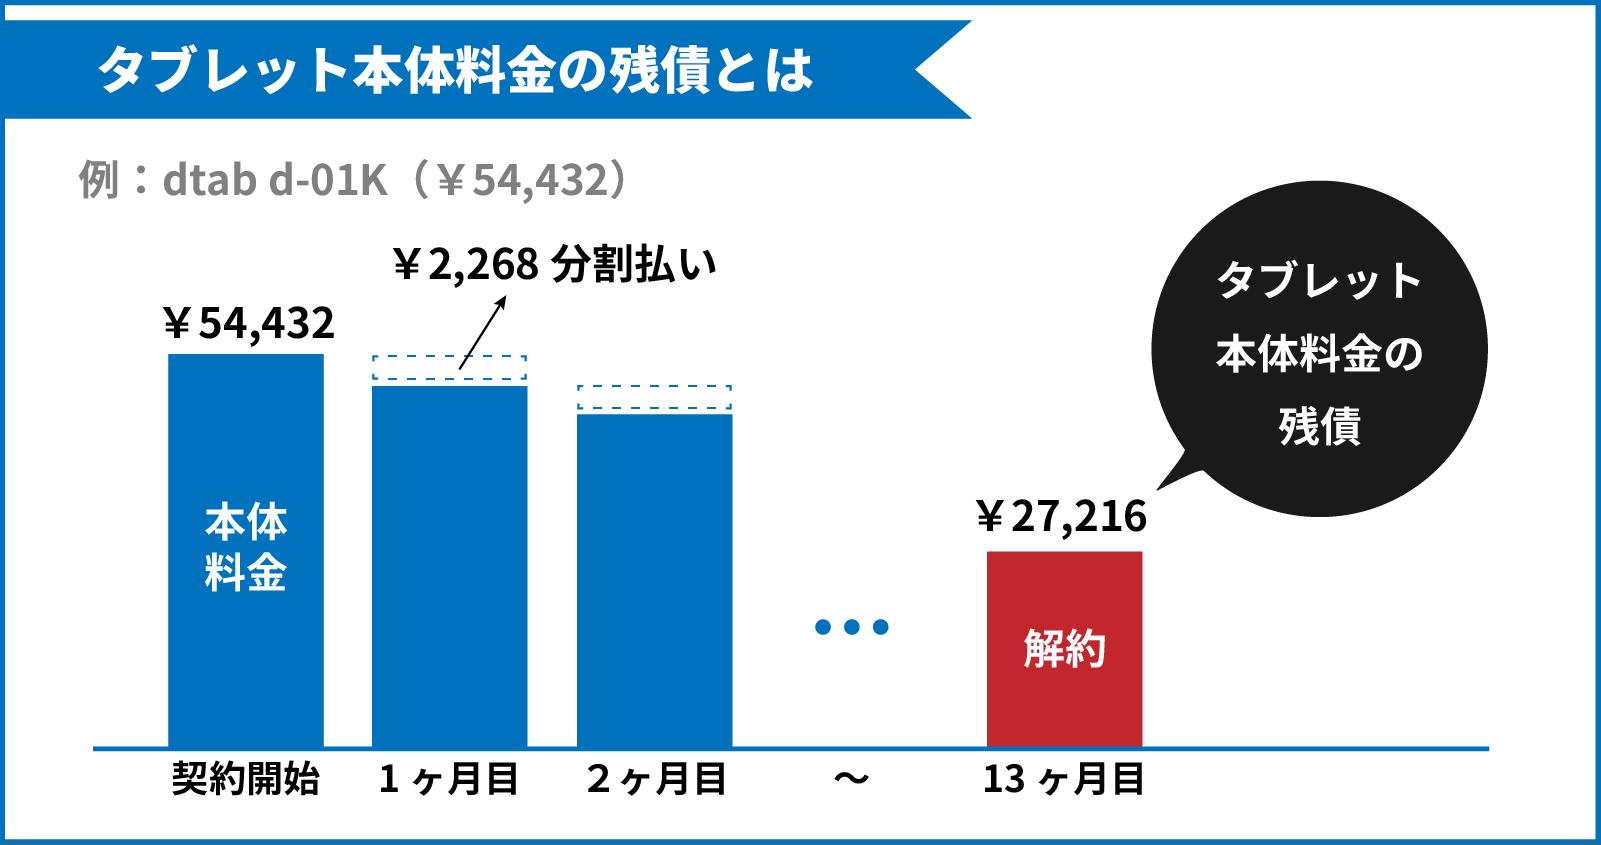 dtab d-01k(¥54,432)を24ヵ月分割払いで支払っている場合、12回払いが終わった時点で解約すると27,216円が残るイラスト(タブレット本体料金の残債)